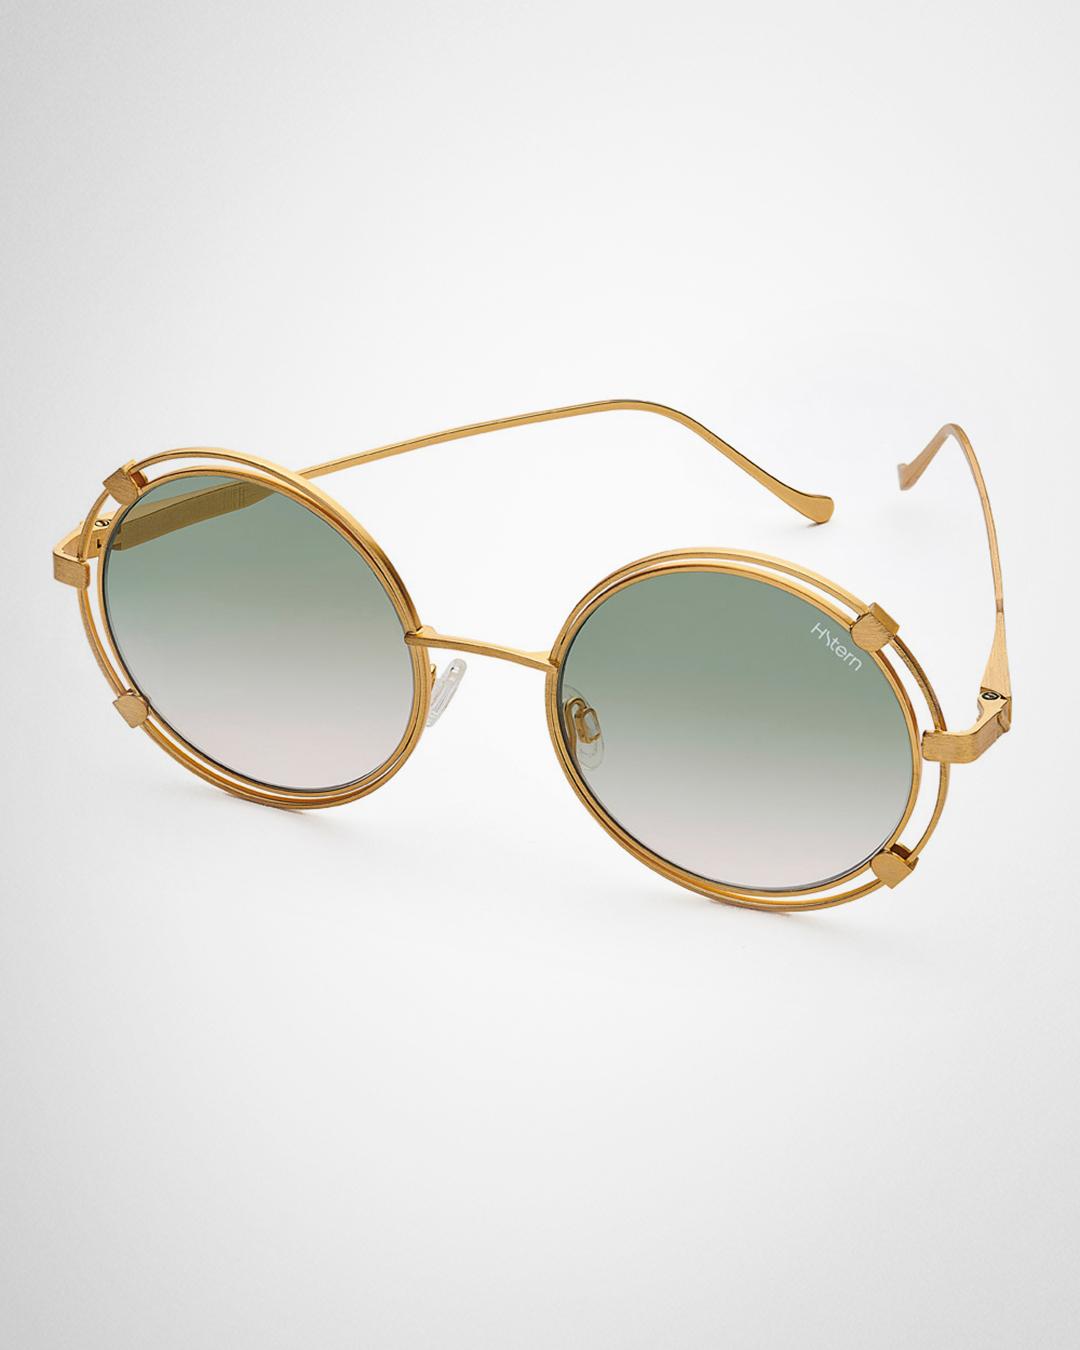 oculos-de-sol-hstern-promoção